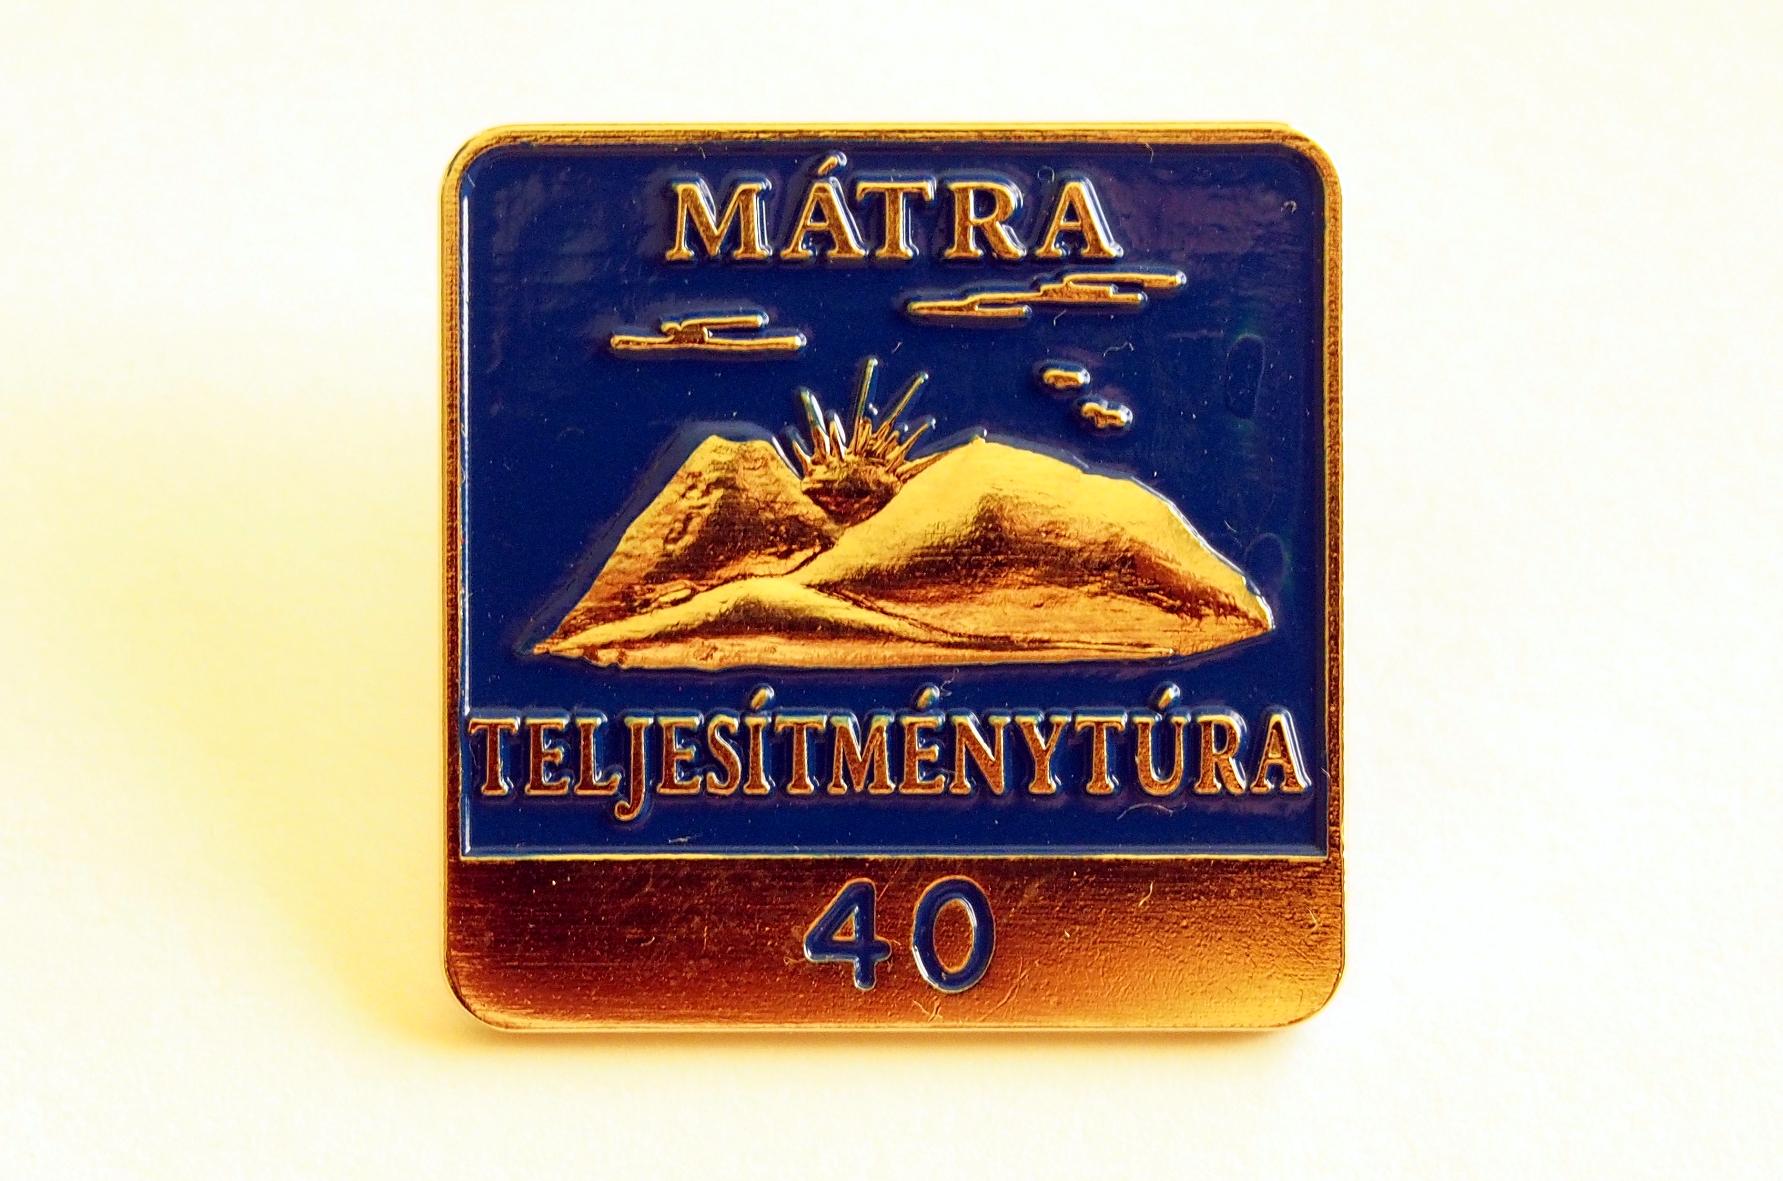 matra_40.JPG